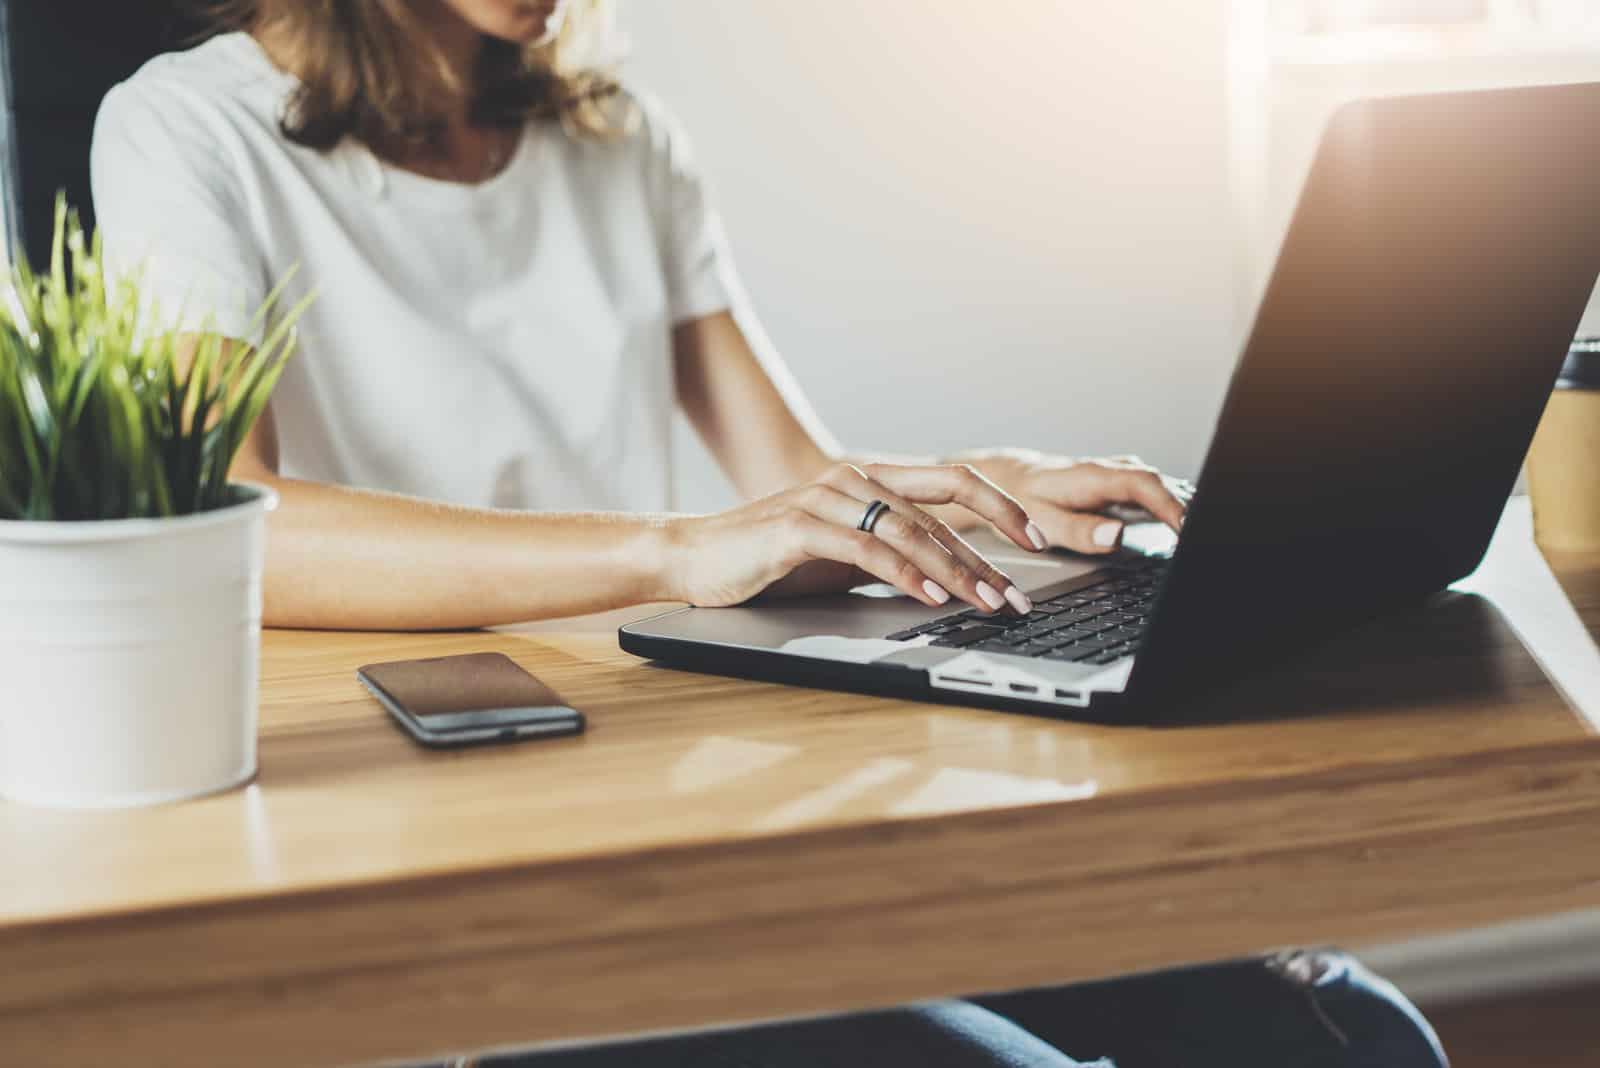 femme assise et bouton sur ordinateur portable